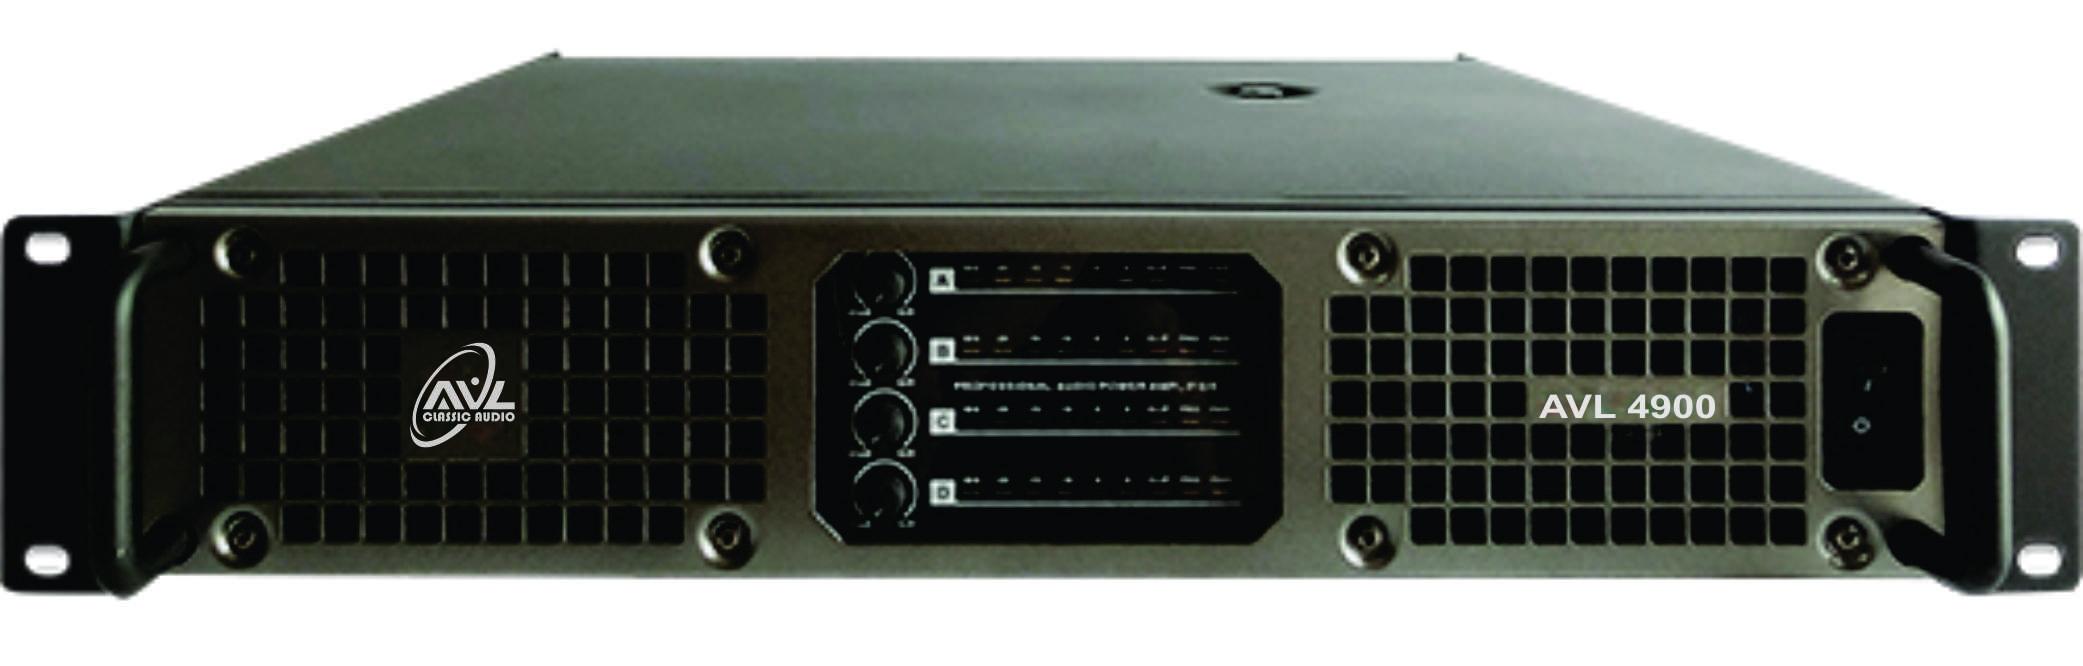 Cục đẩy công suất AVL 4900